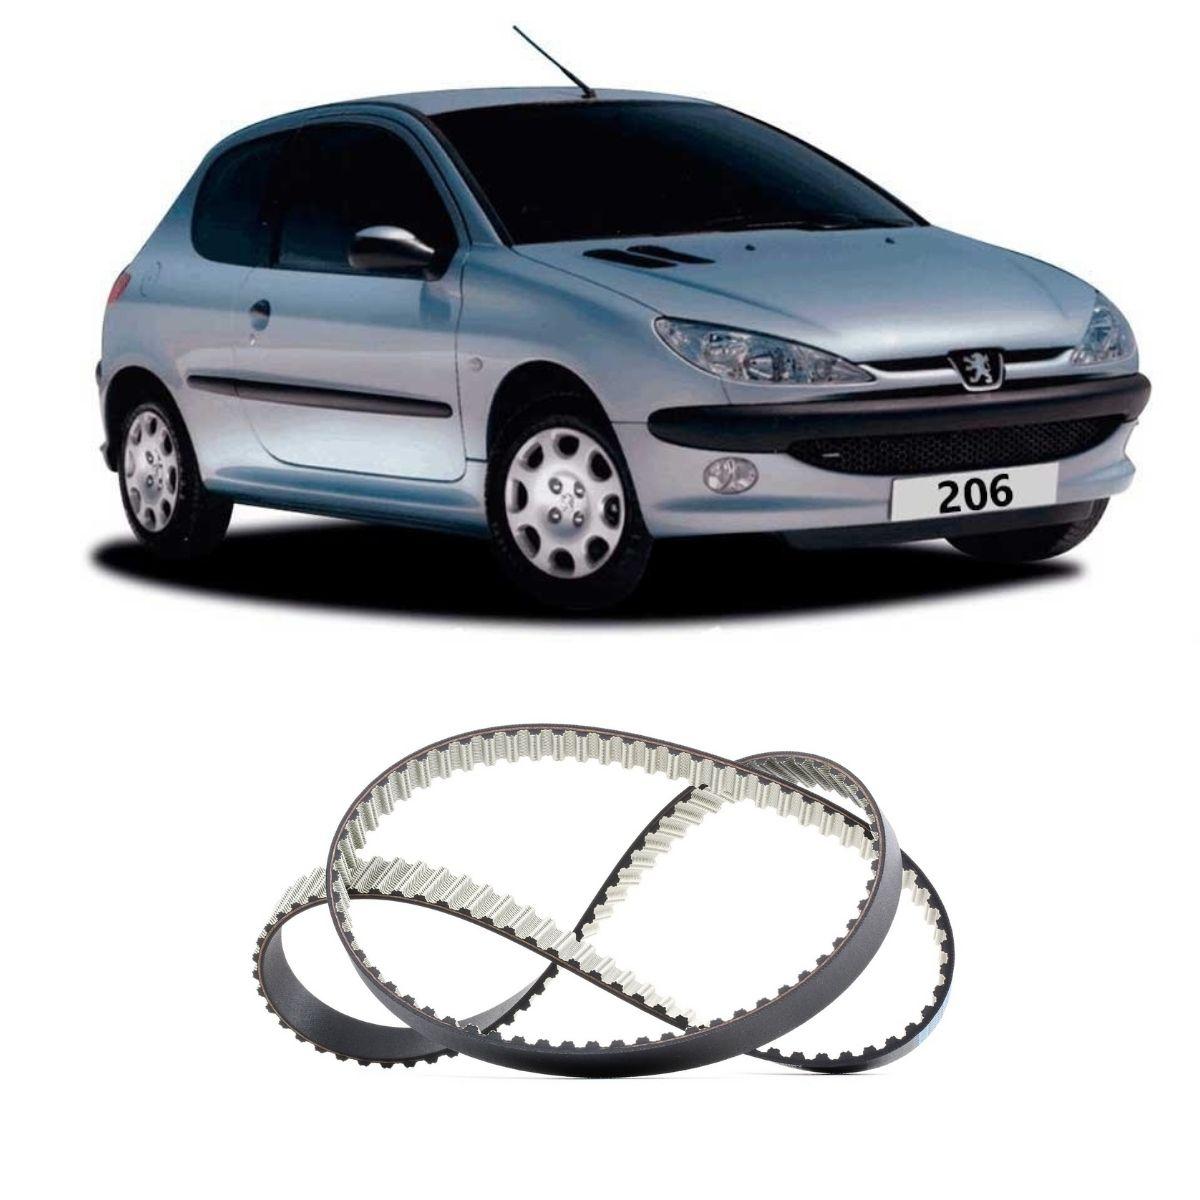 Correia Dentada Peugeot 206 1.6 8v 1999 Em Diante